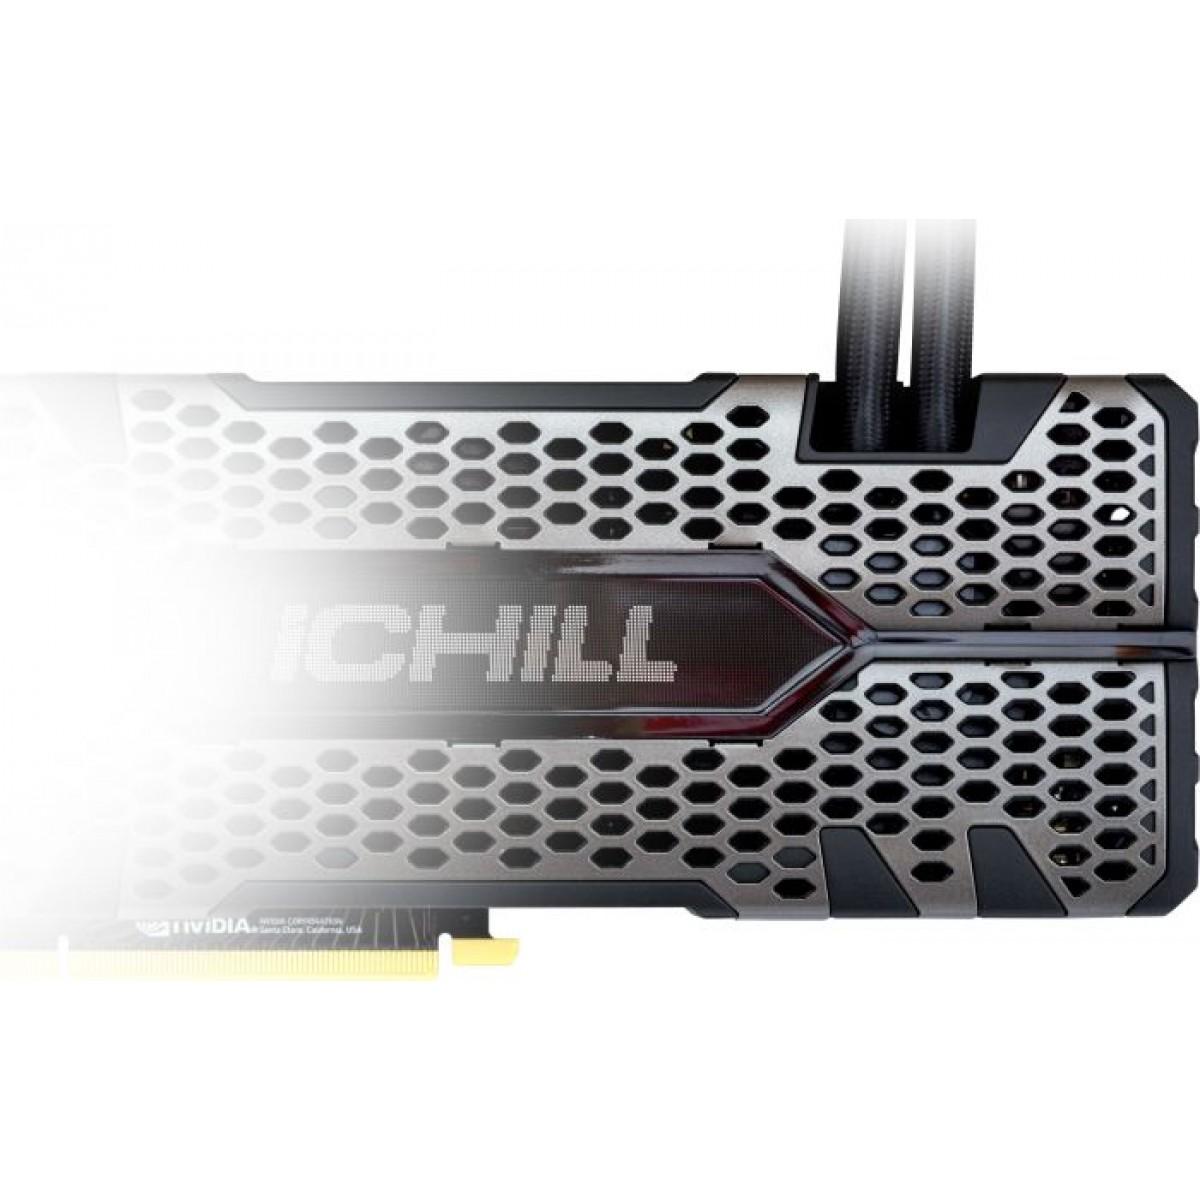 Placa de Vídeo Inno3D GeForce RTX 2080 Super iChill Black, 8GB GDDR6, 256Bit